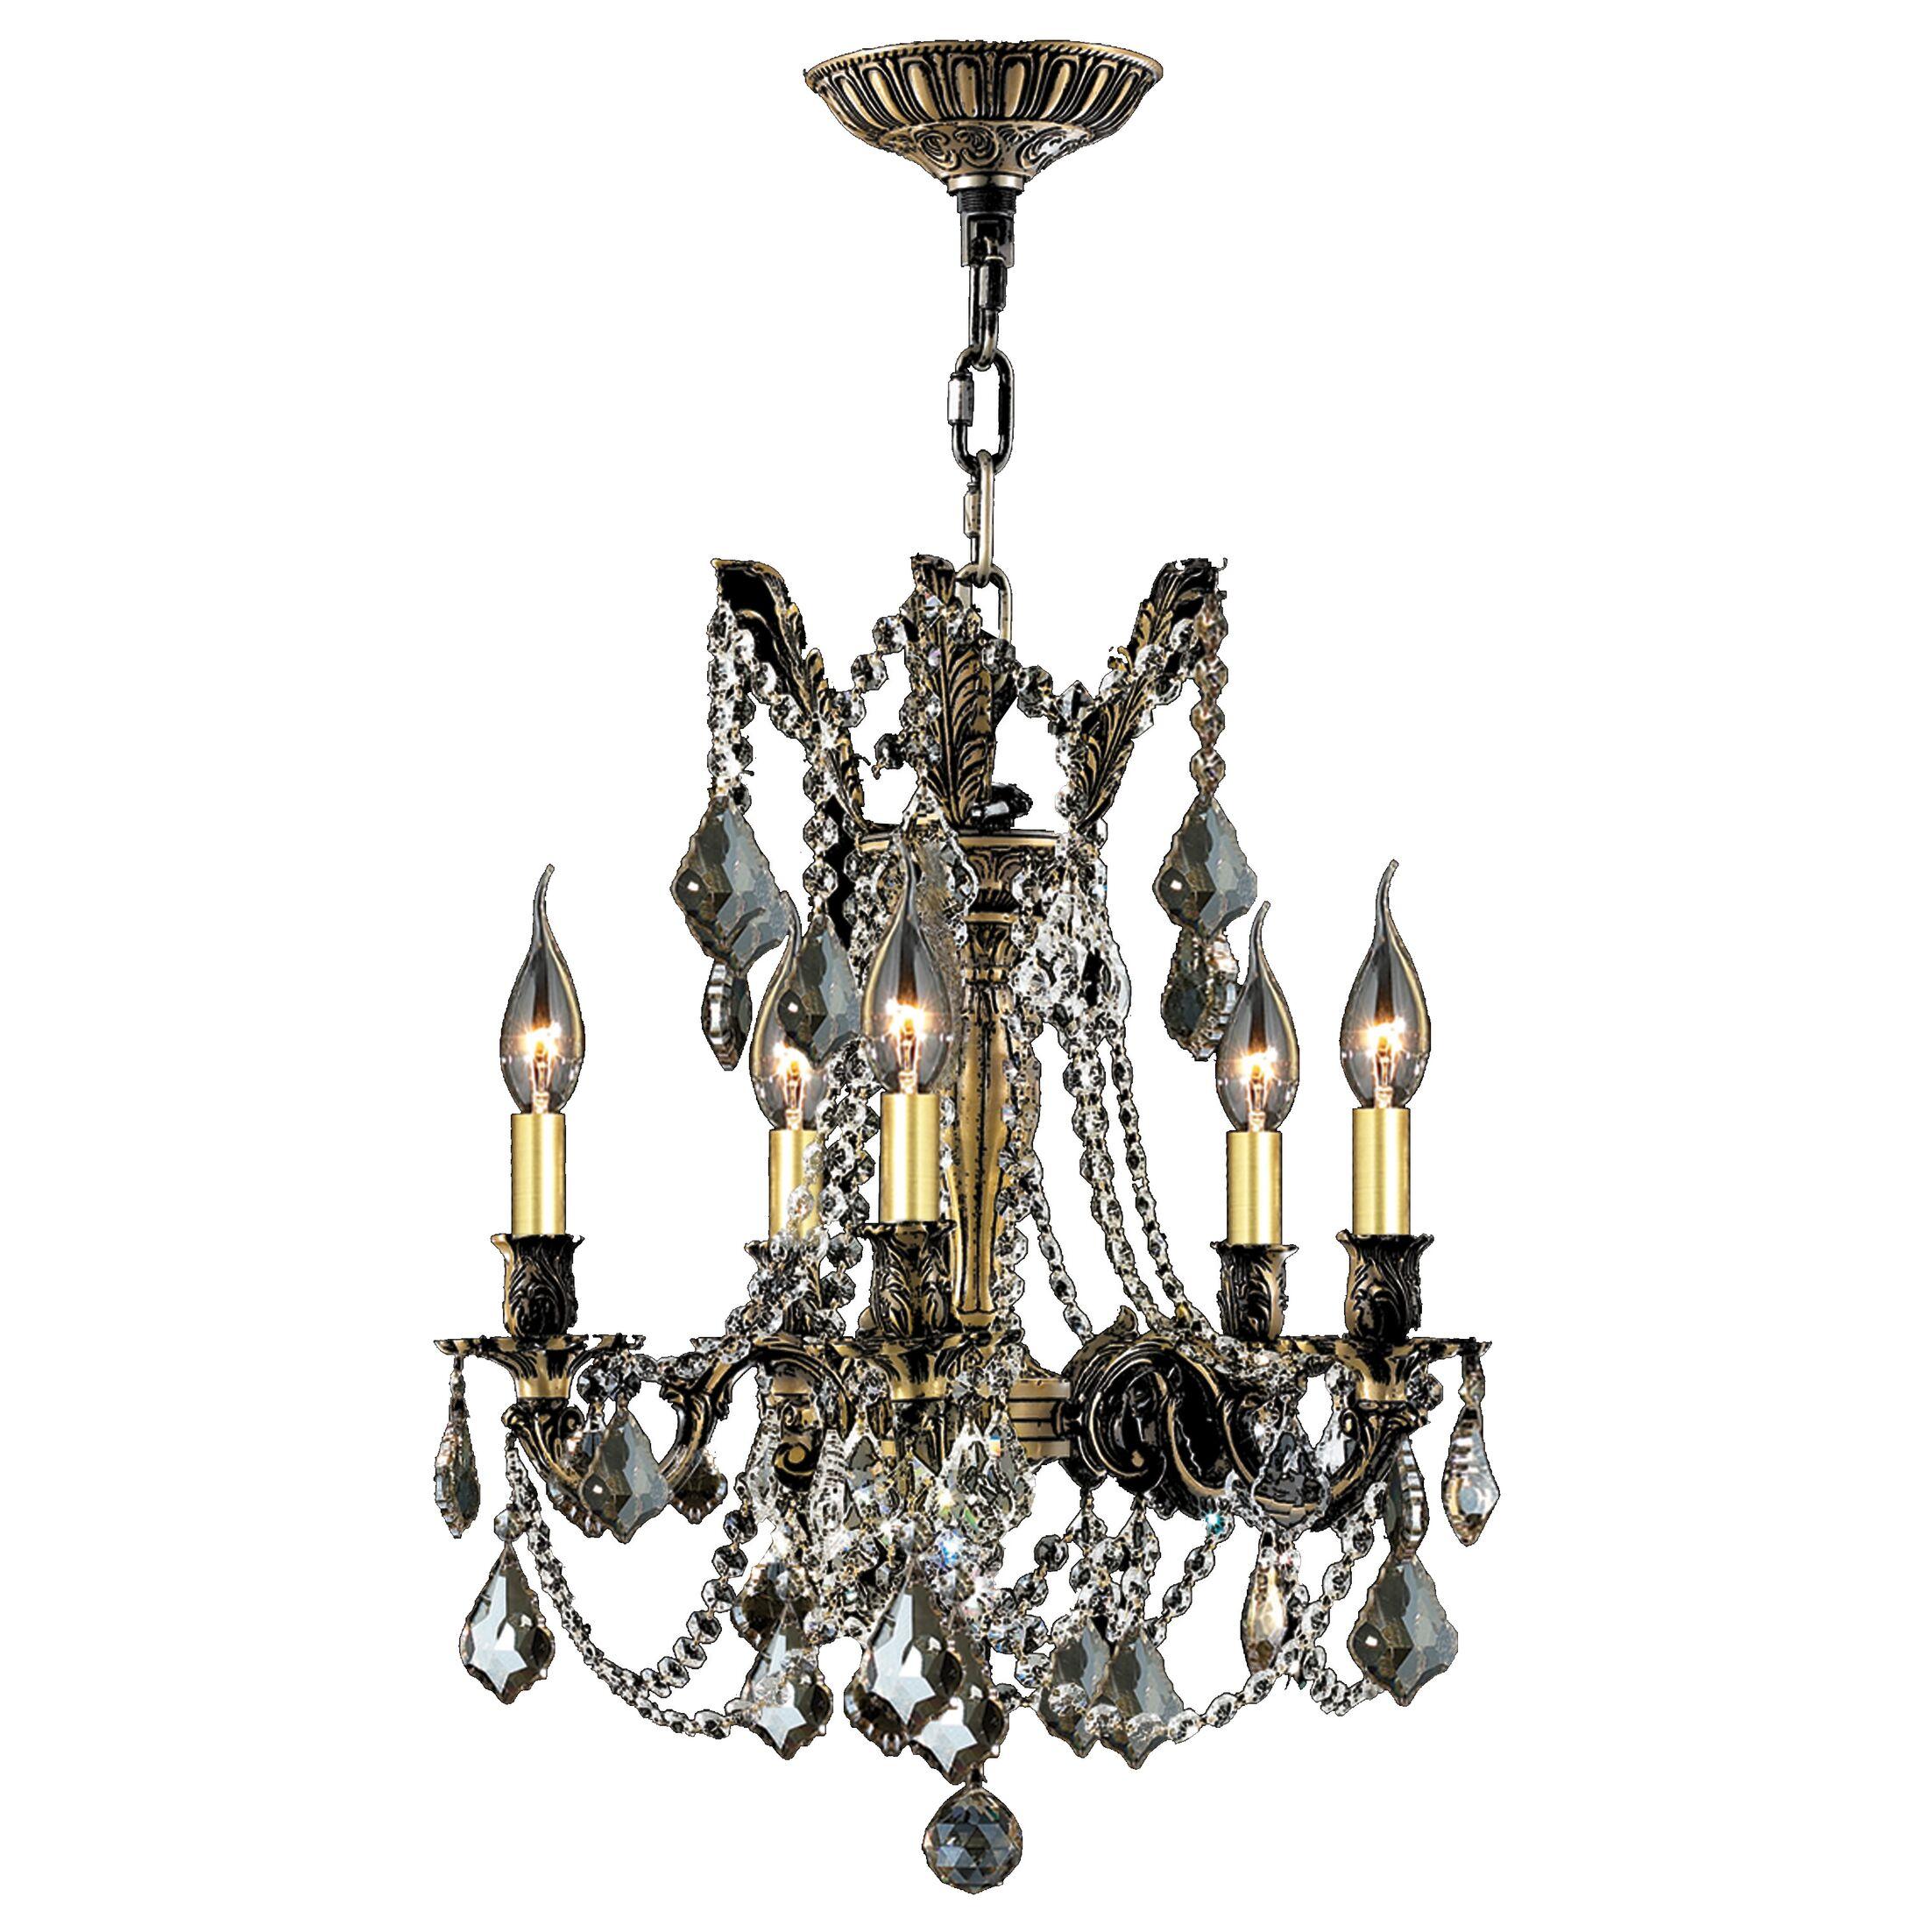 Radtke 5-Light Metal Candle Style Chandelier Crystal Color: Golden Teak